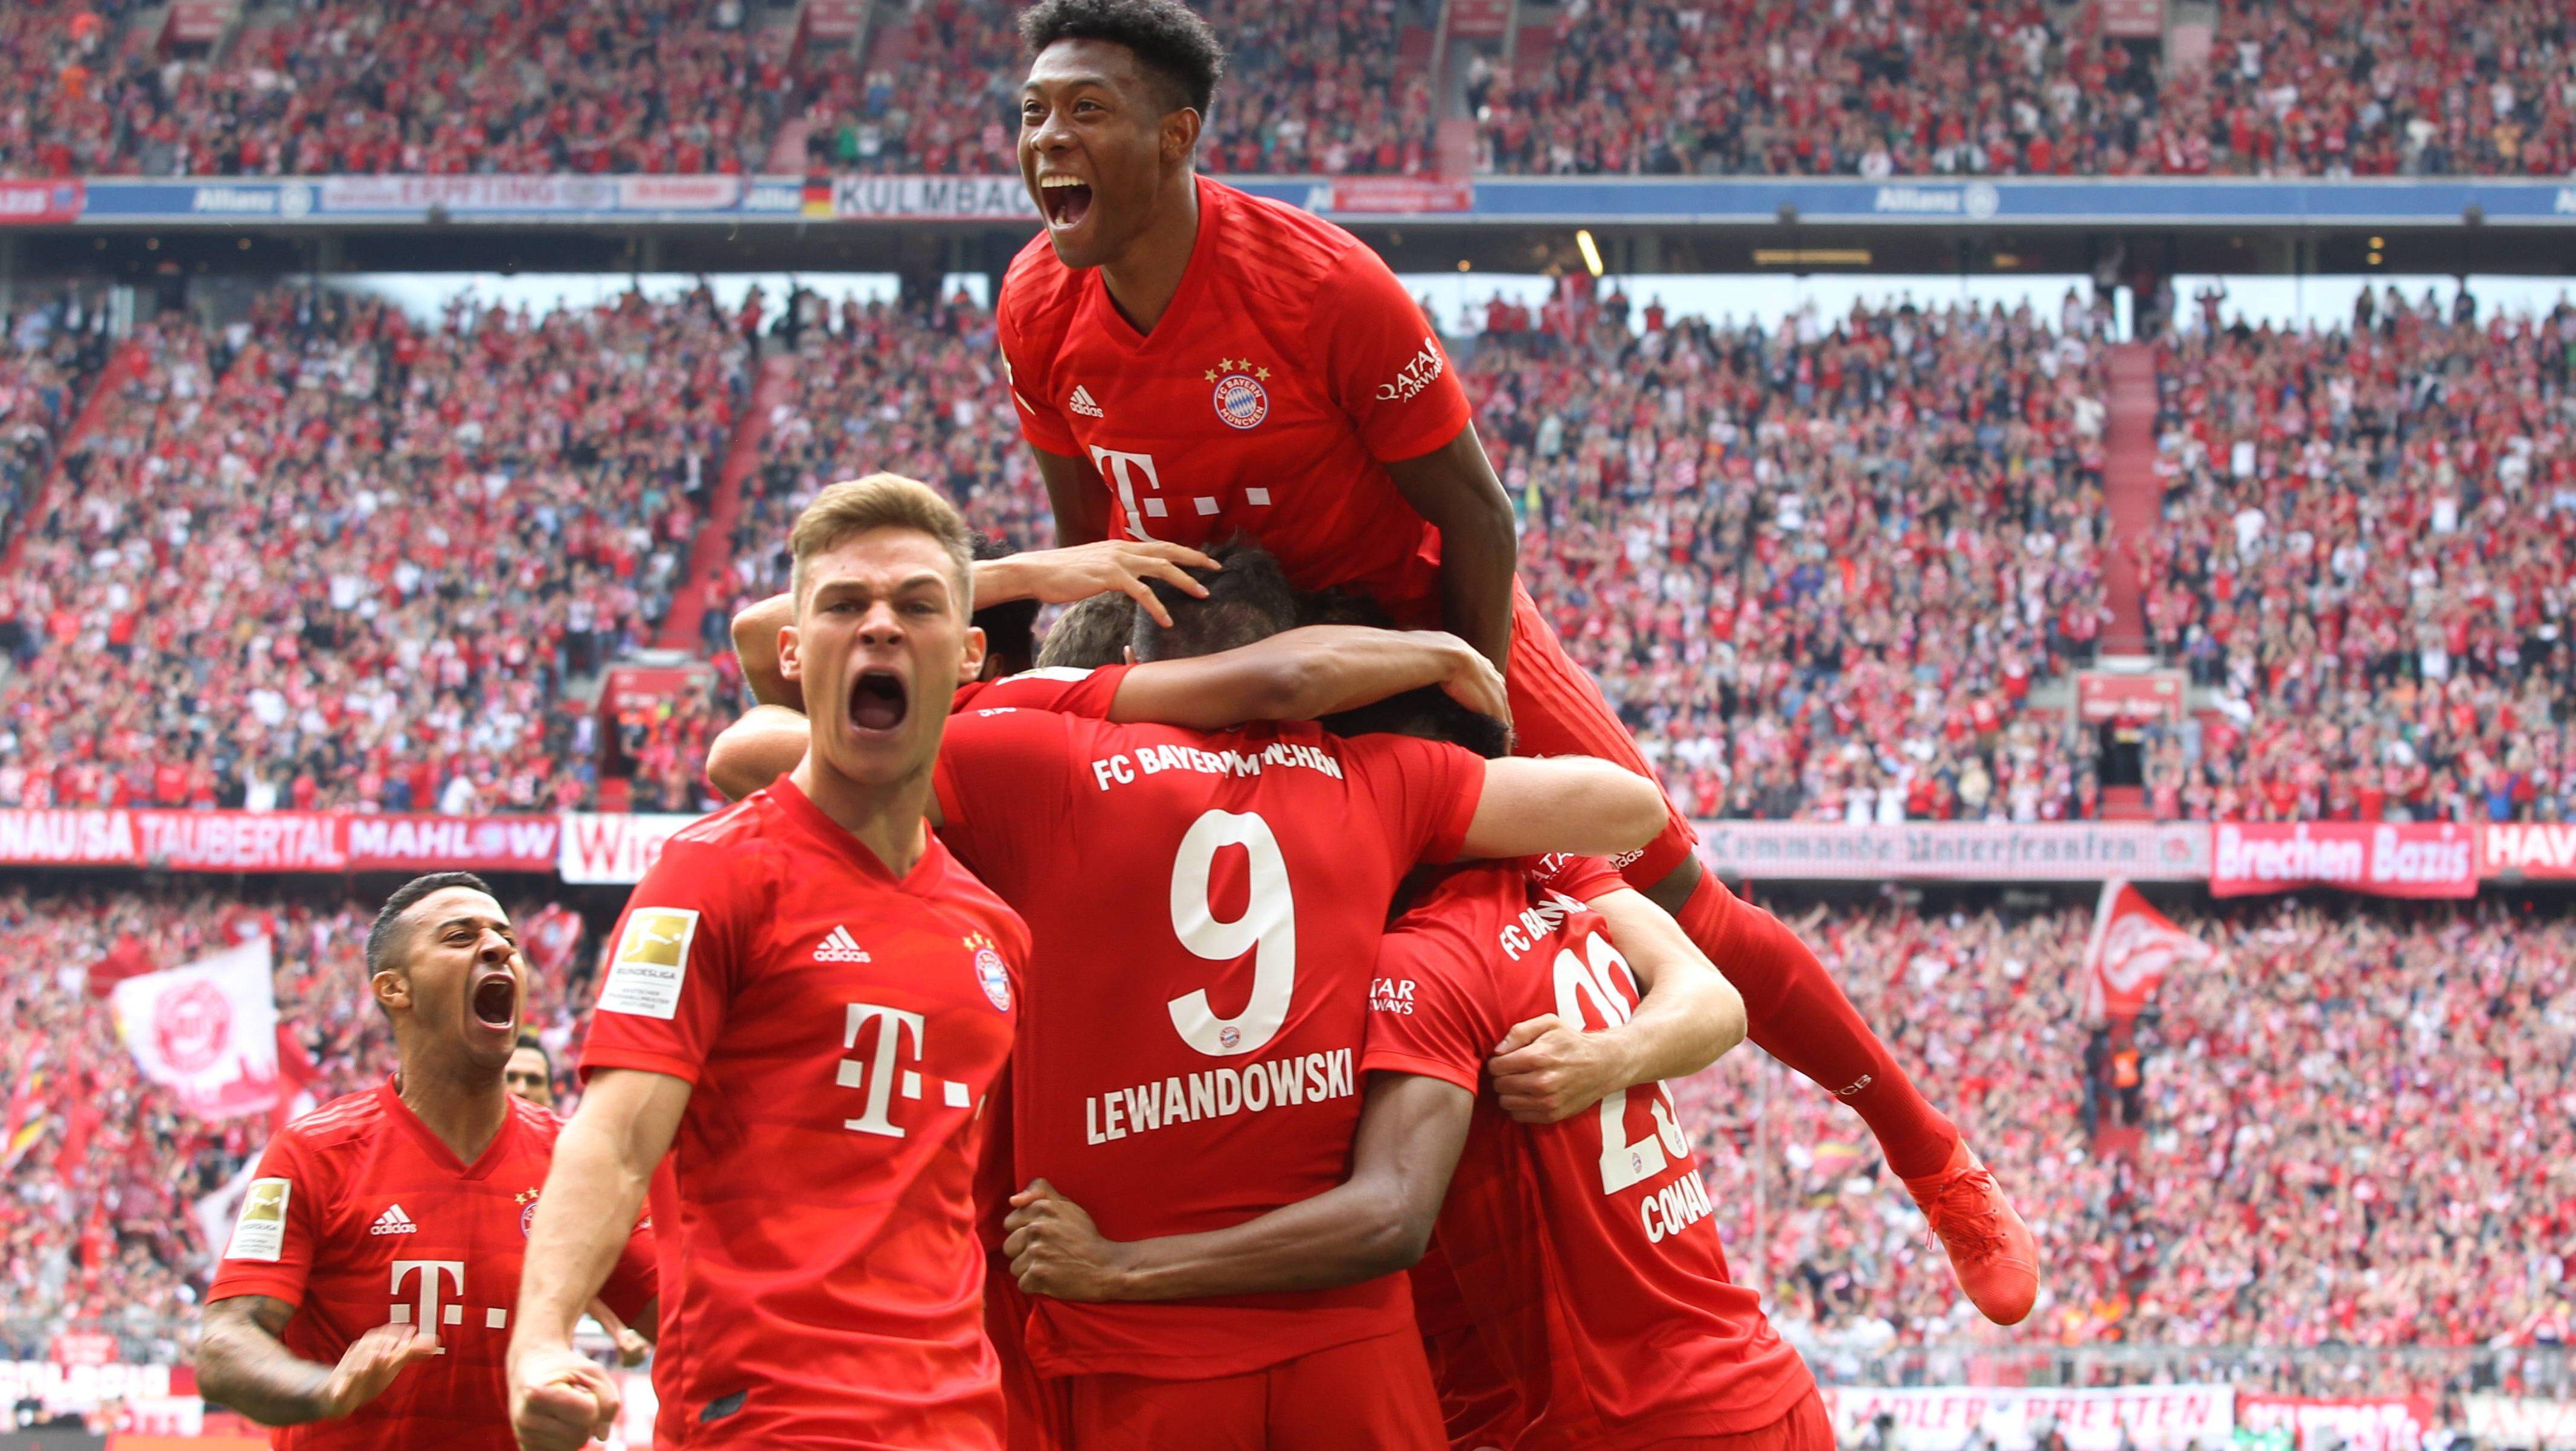 Bayerns wichtigste Spiele auf dem Weg zum Titel